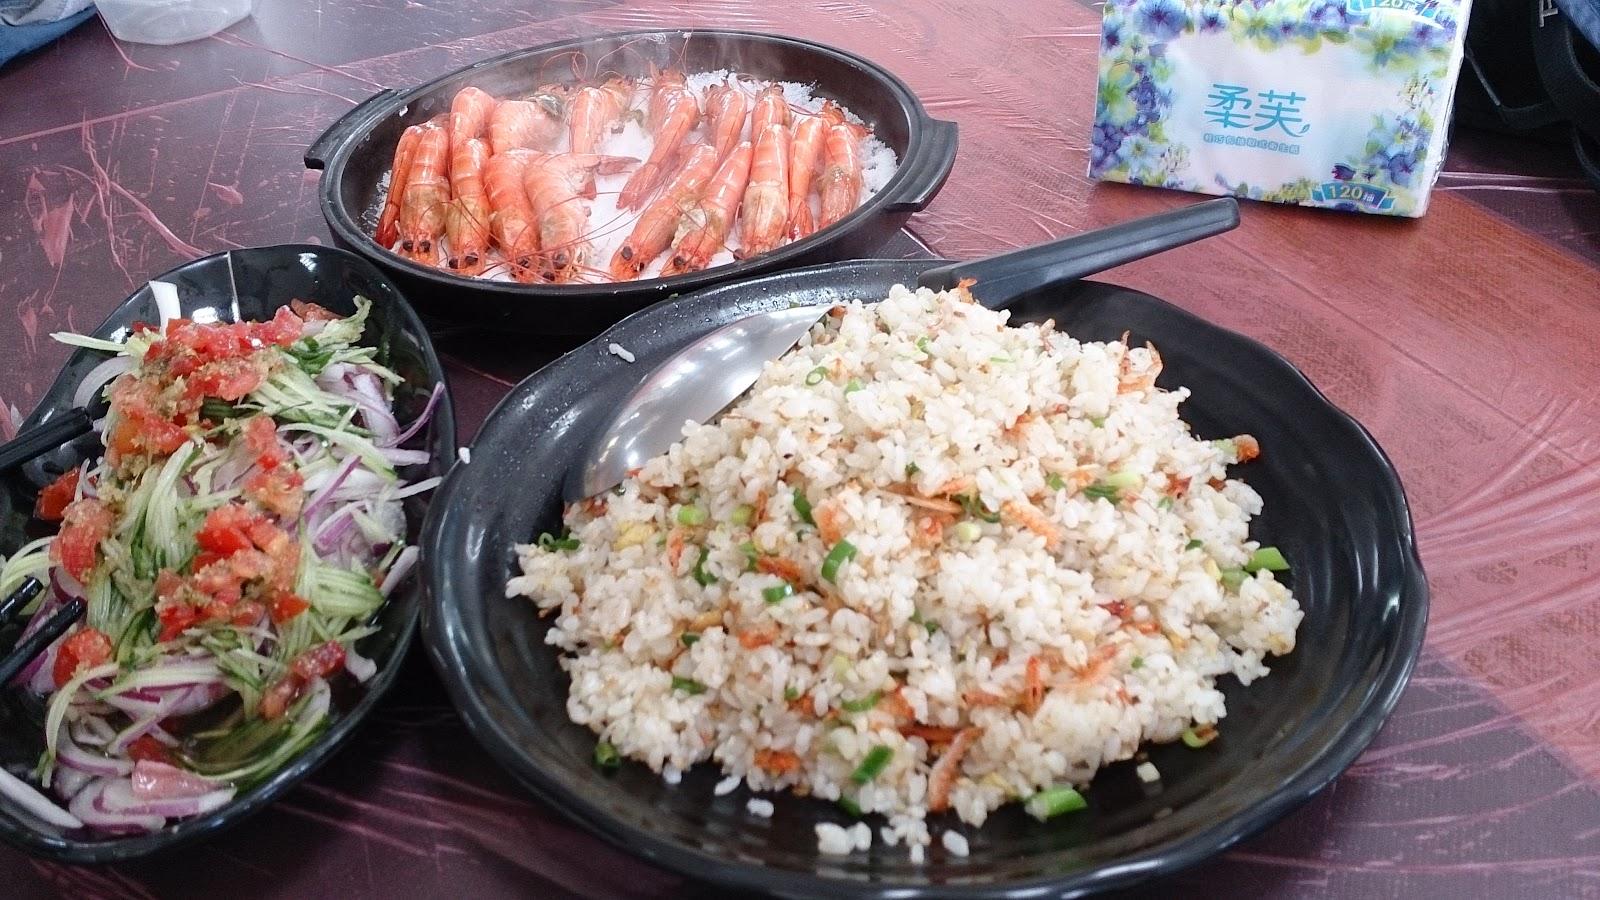 ~ 宣∣傳品 ~: 宜蘭礁溪賣魚郎食酒處~自家魚池,好吃的無菜單料理